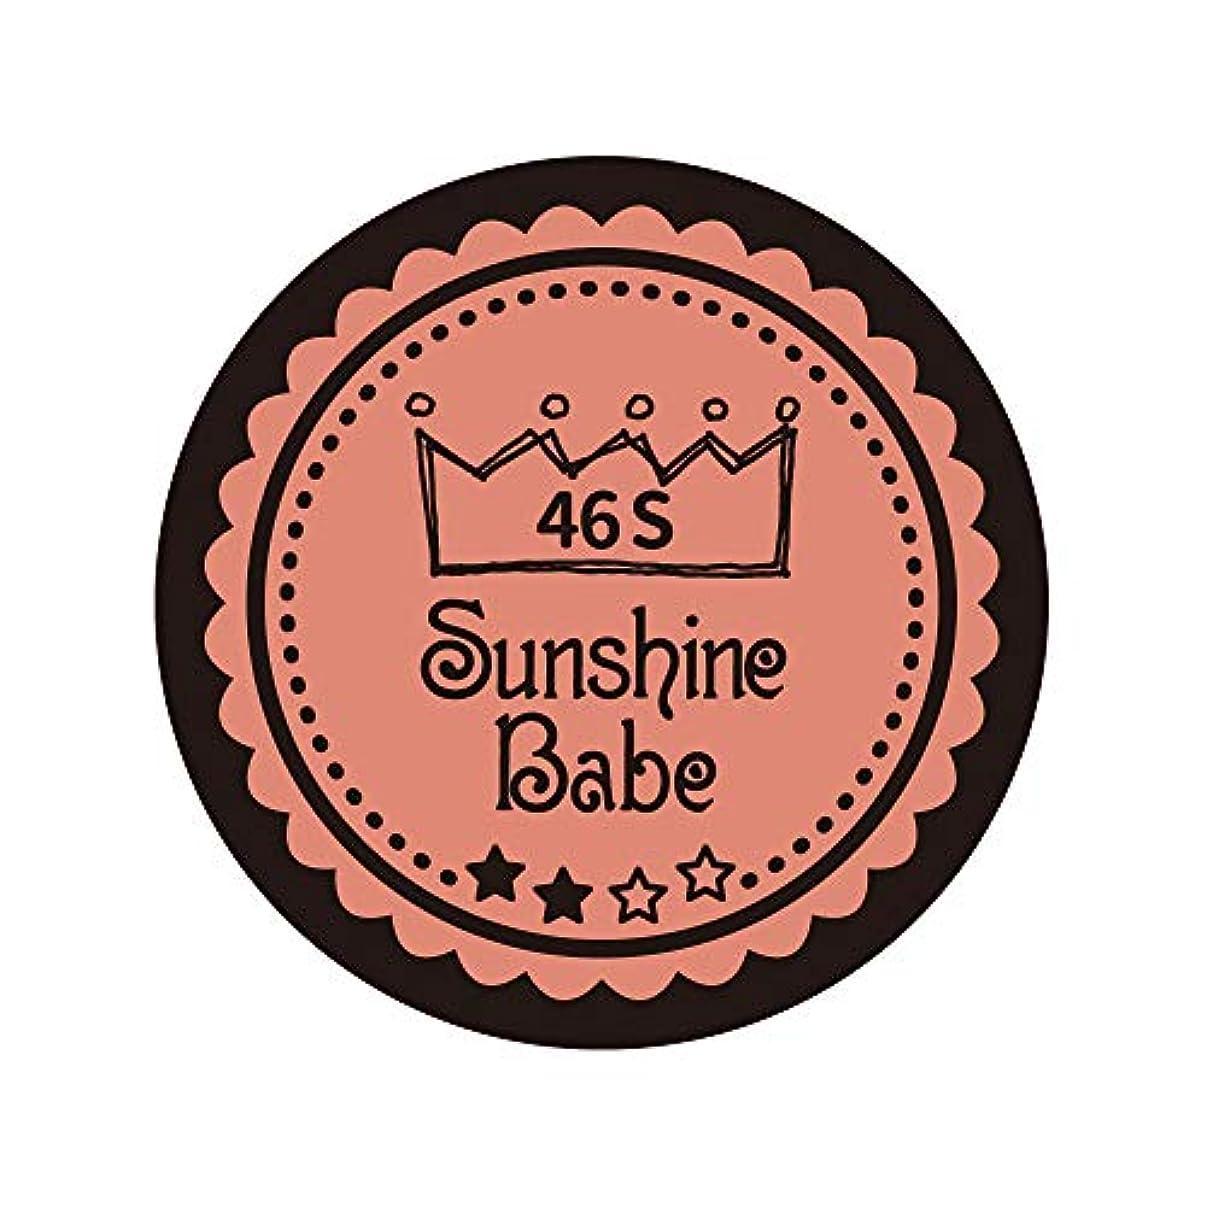 混合した戦士寝具Sunshine Babe カラージェル 46S ピンクベージュ 2.7g UV/LED対応